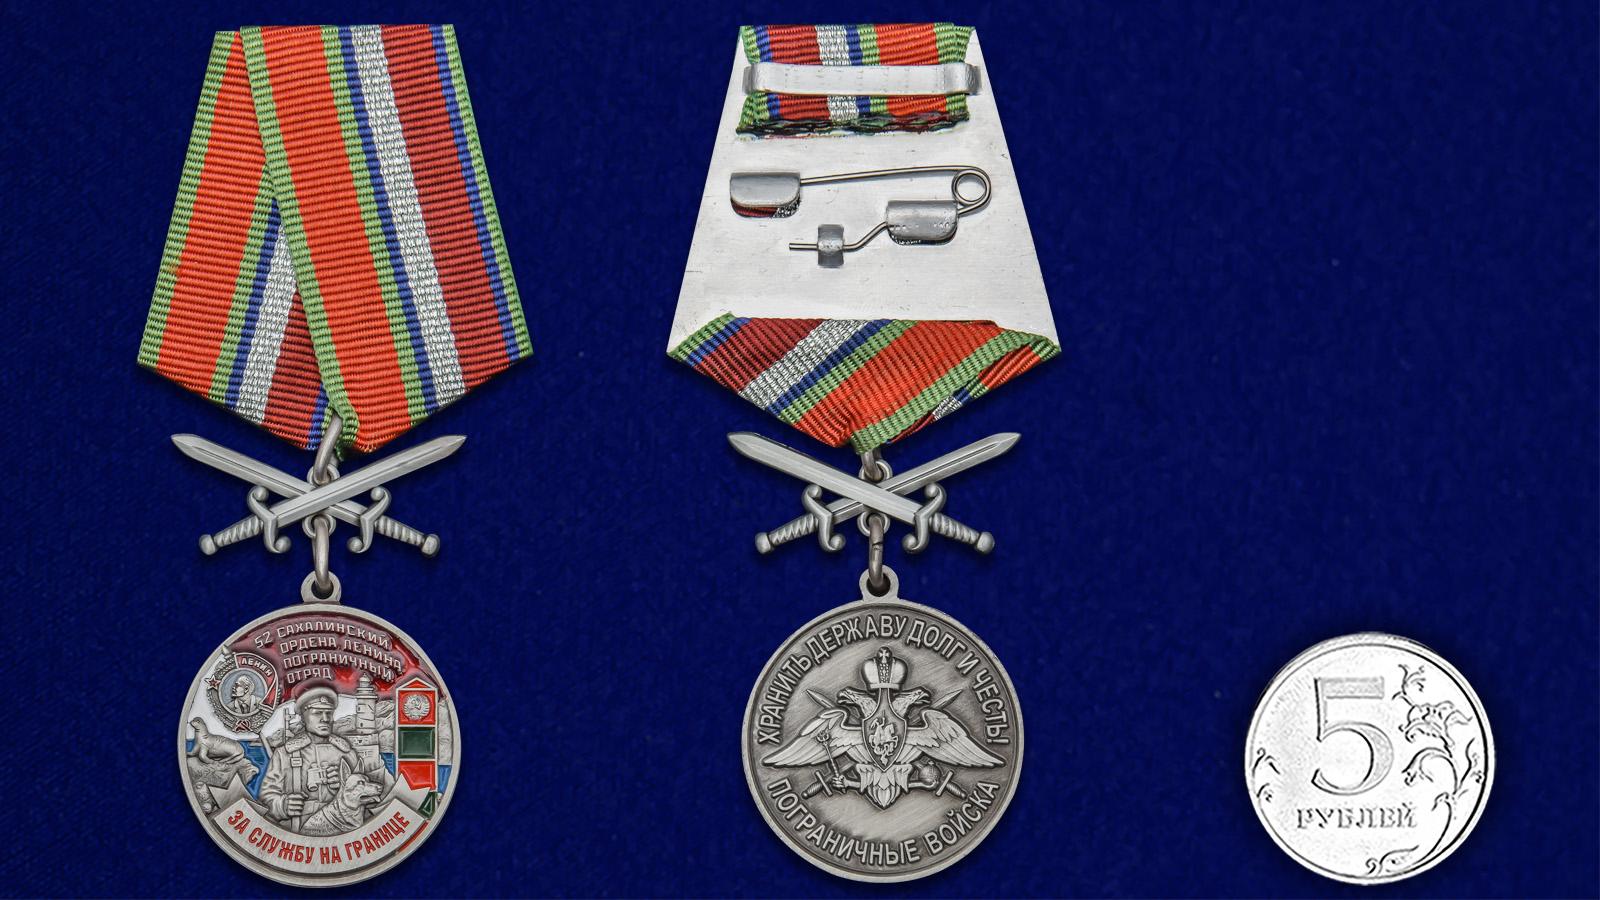 Латунная медаль За службу в Сахалинском пограничном отряде - сравнительный вид